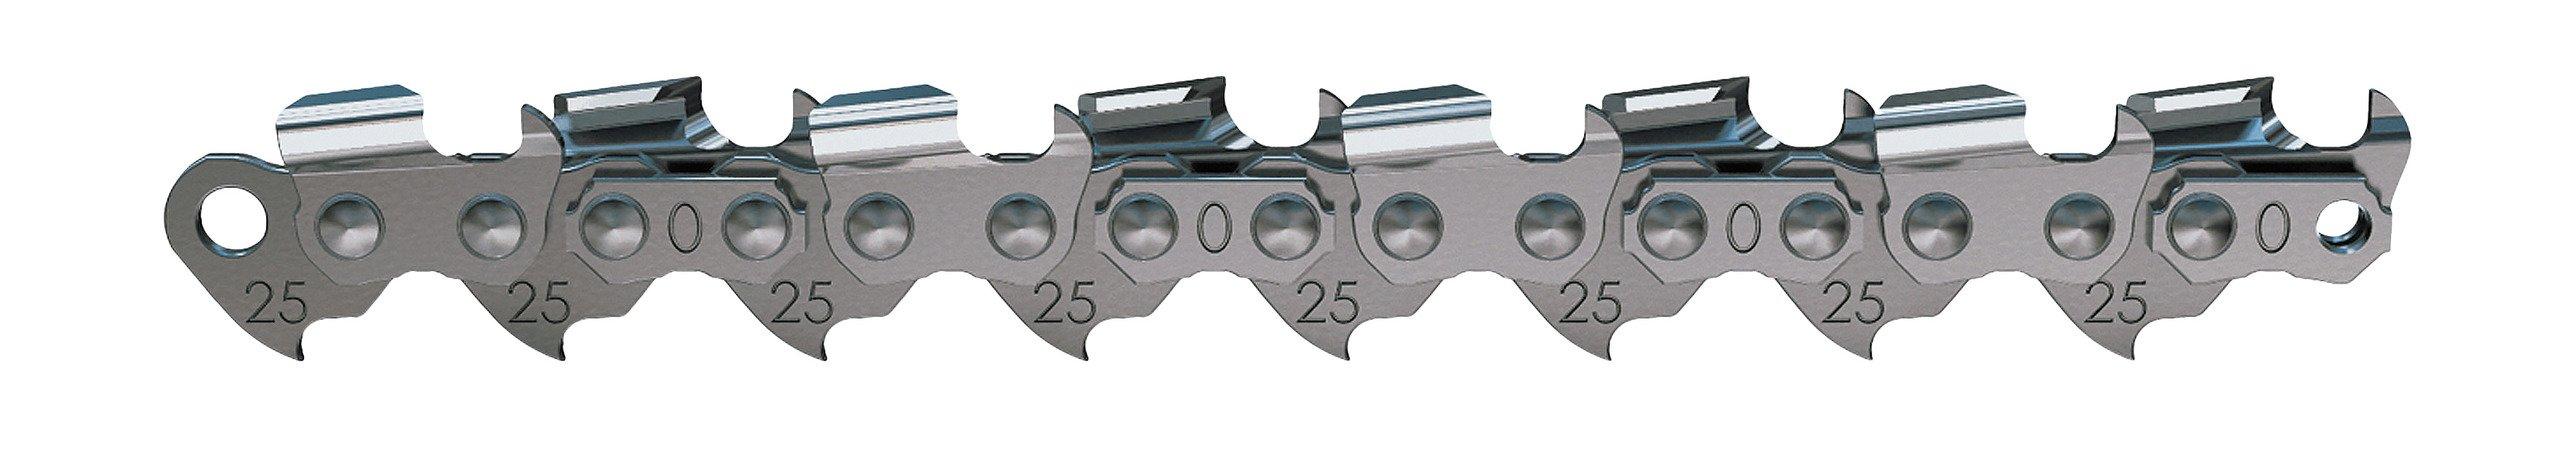 """Dominicus täyshammas carving teräketju 25FH 1/4"""" 1,3mm 84L"""